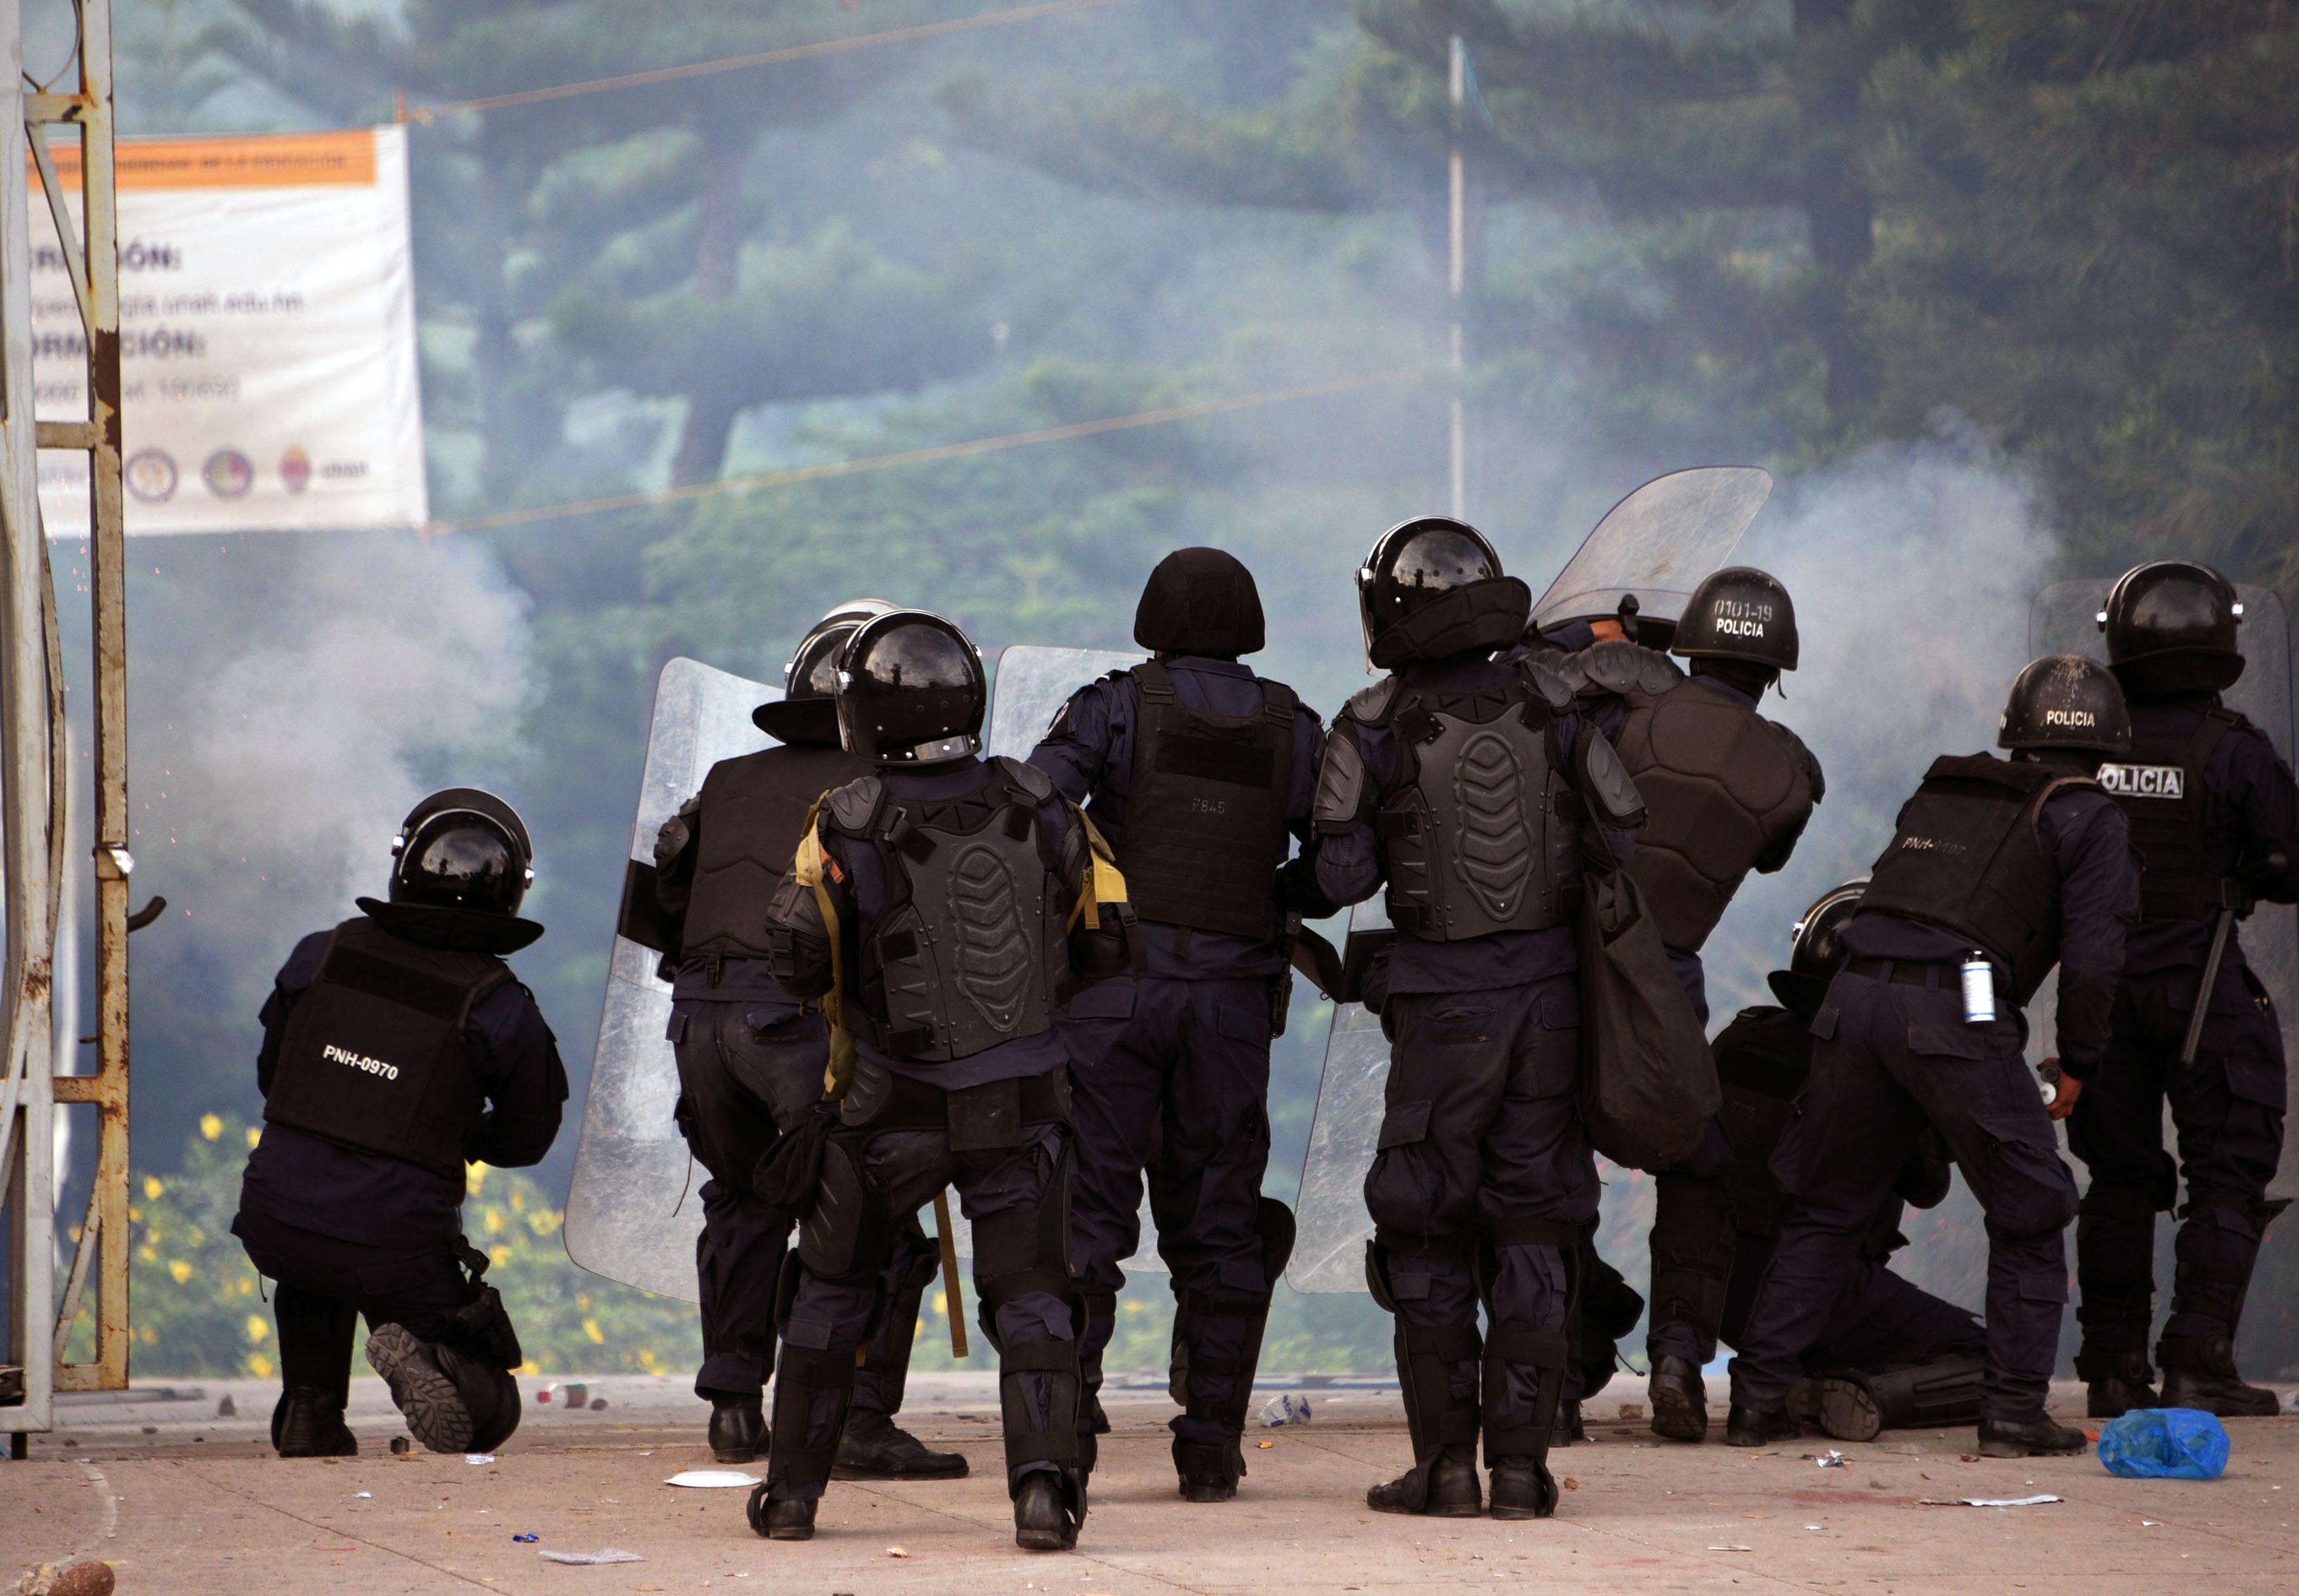 الشرطة تحاول تفريق المتظاهرين